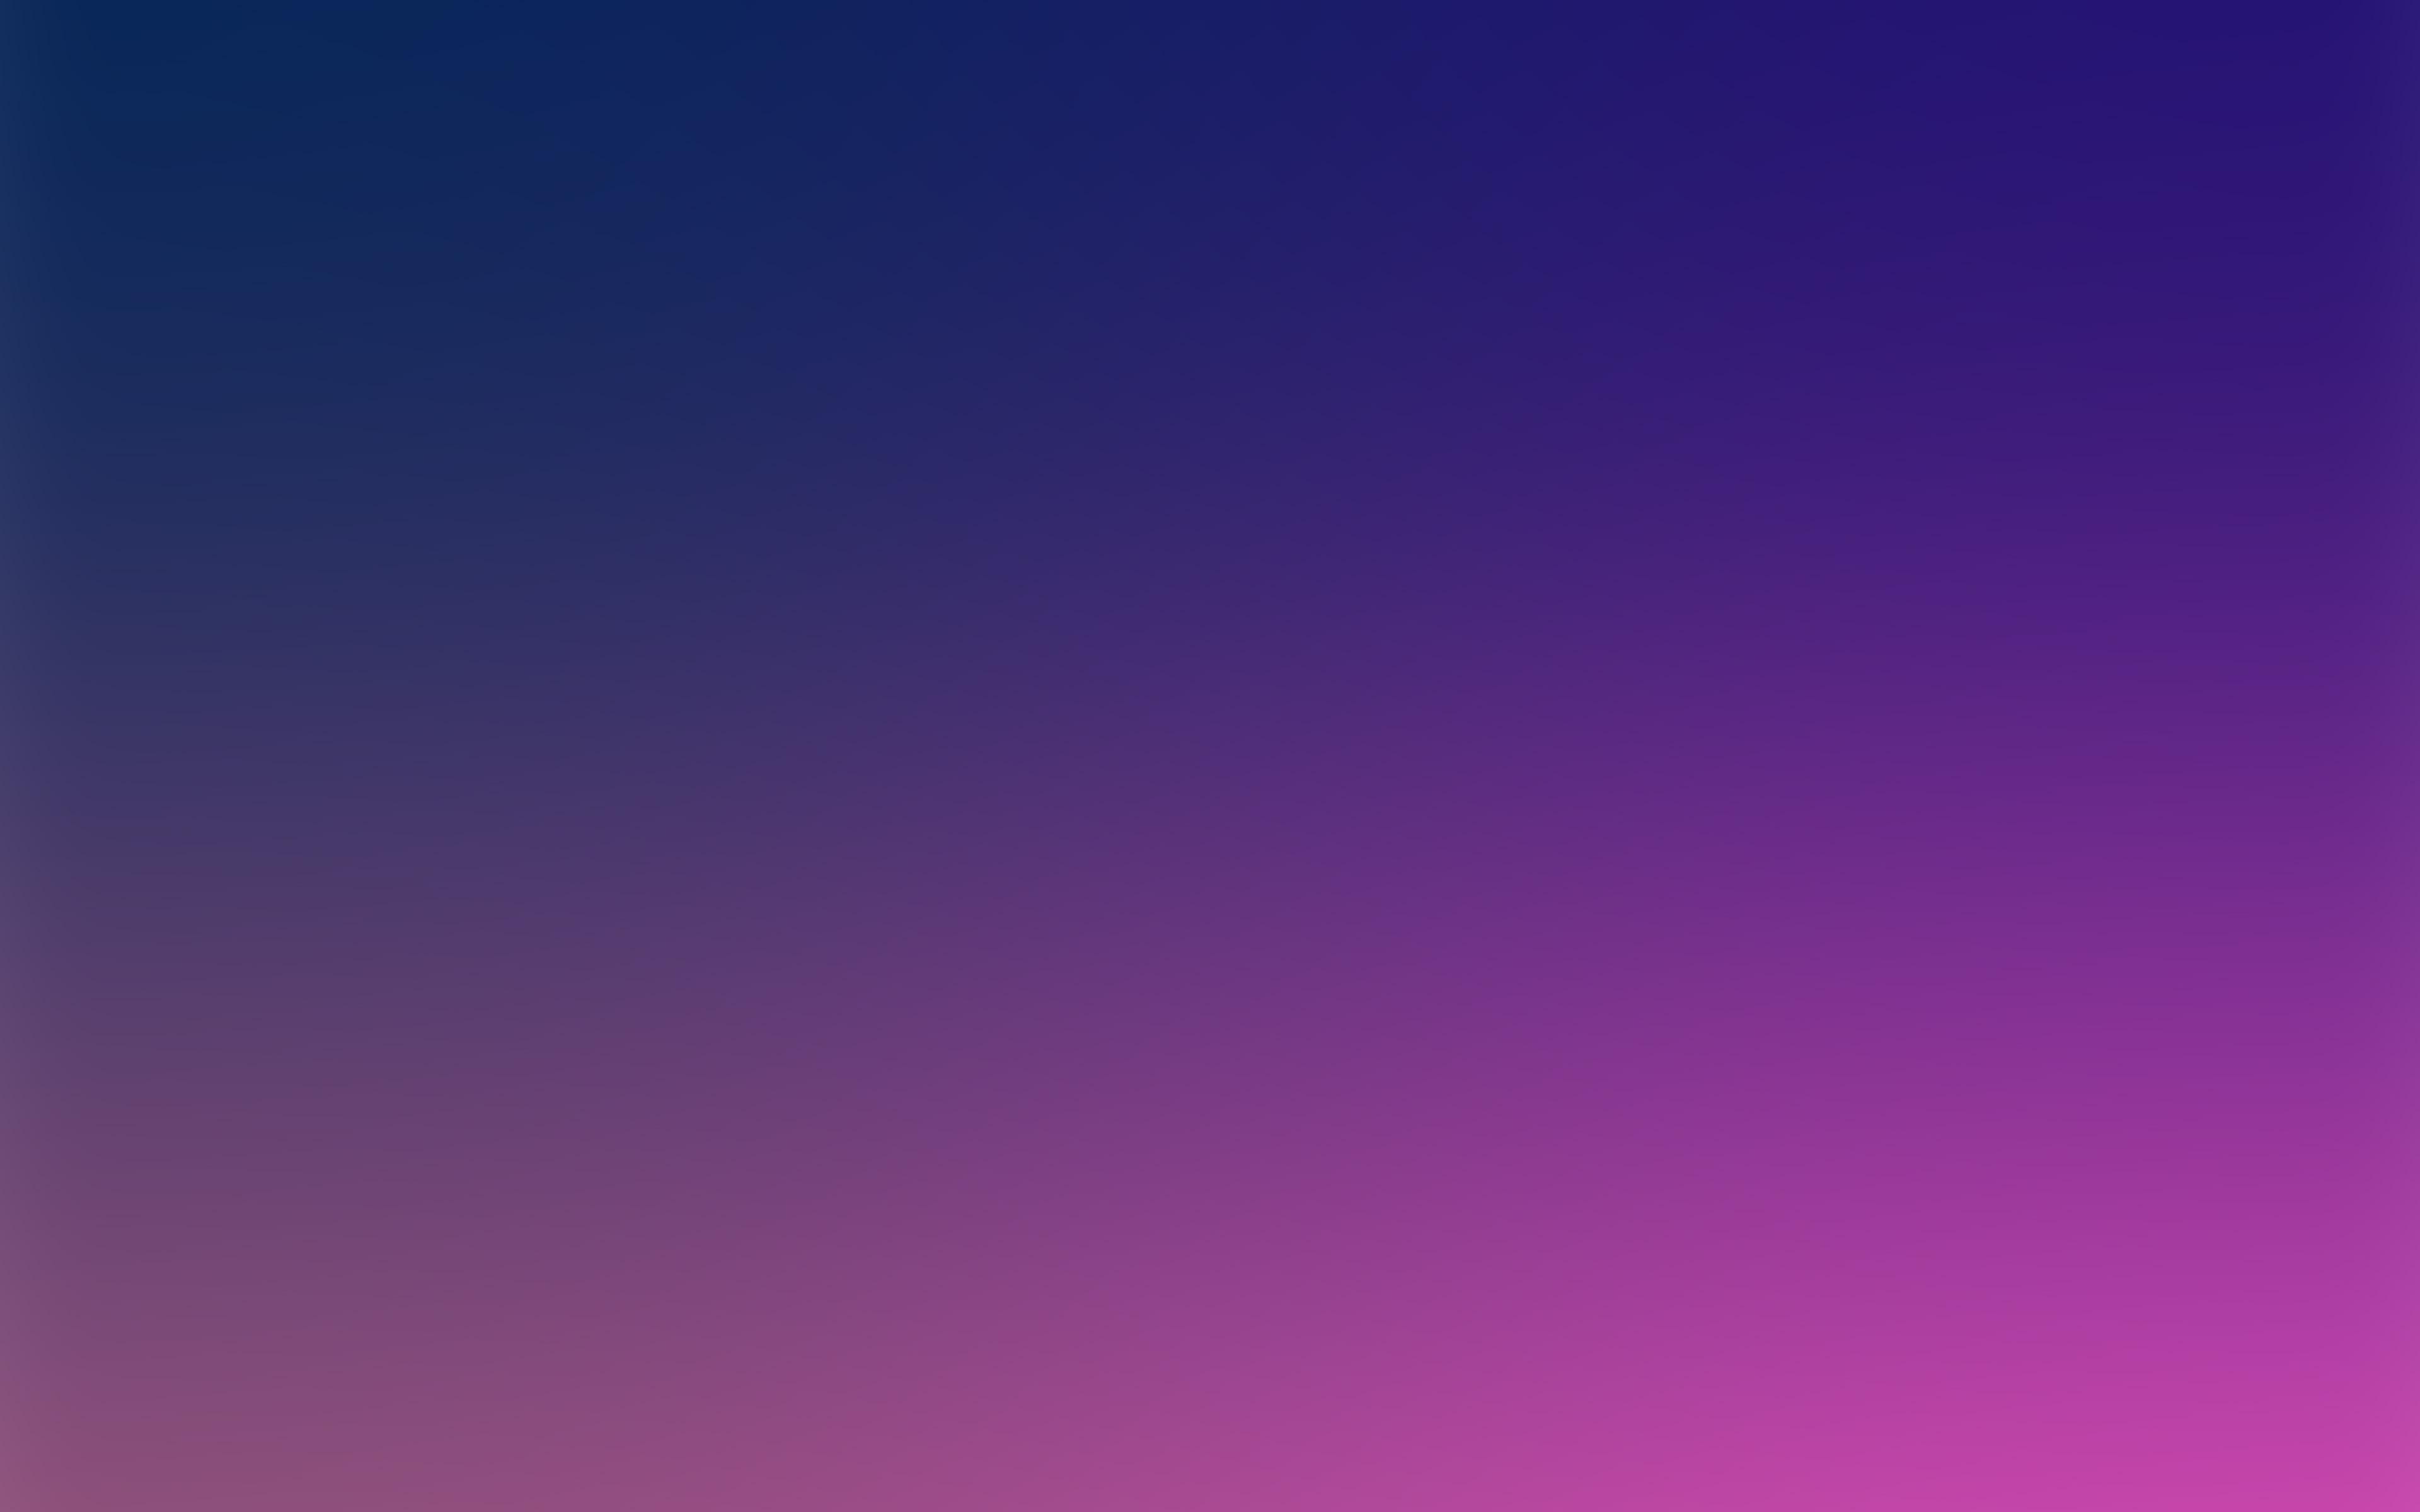 I love papers sm27 blue purple color blur gradation - Color gradation wallpaper ...